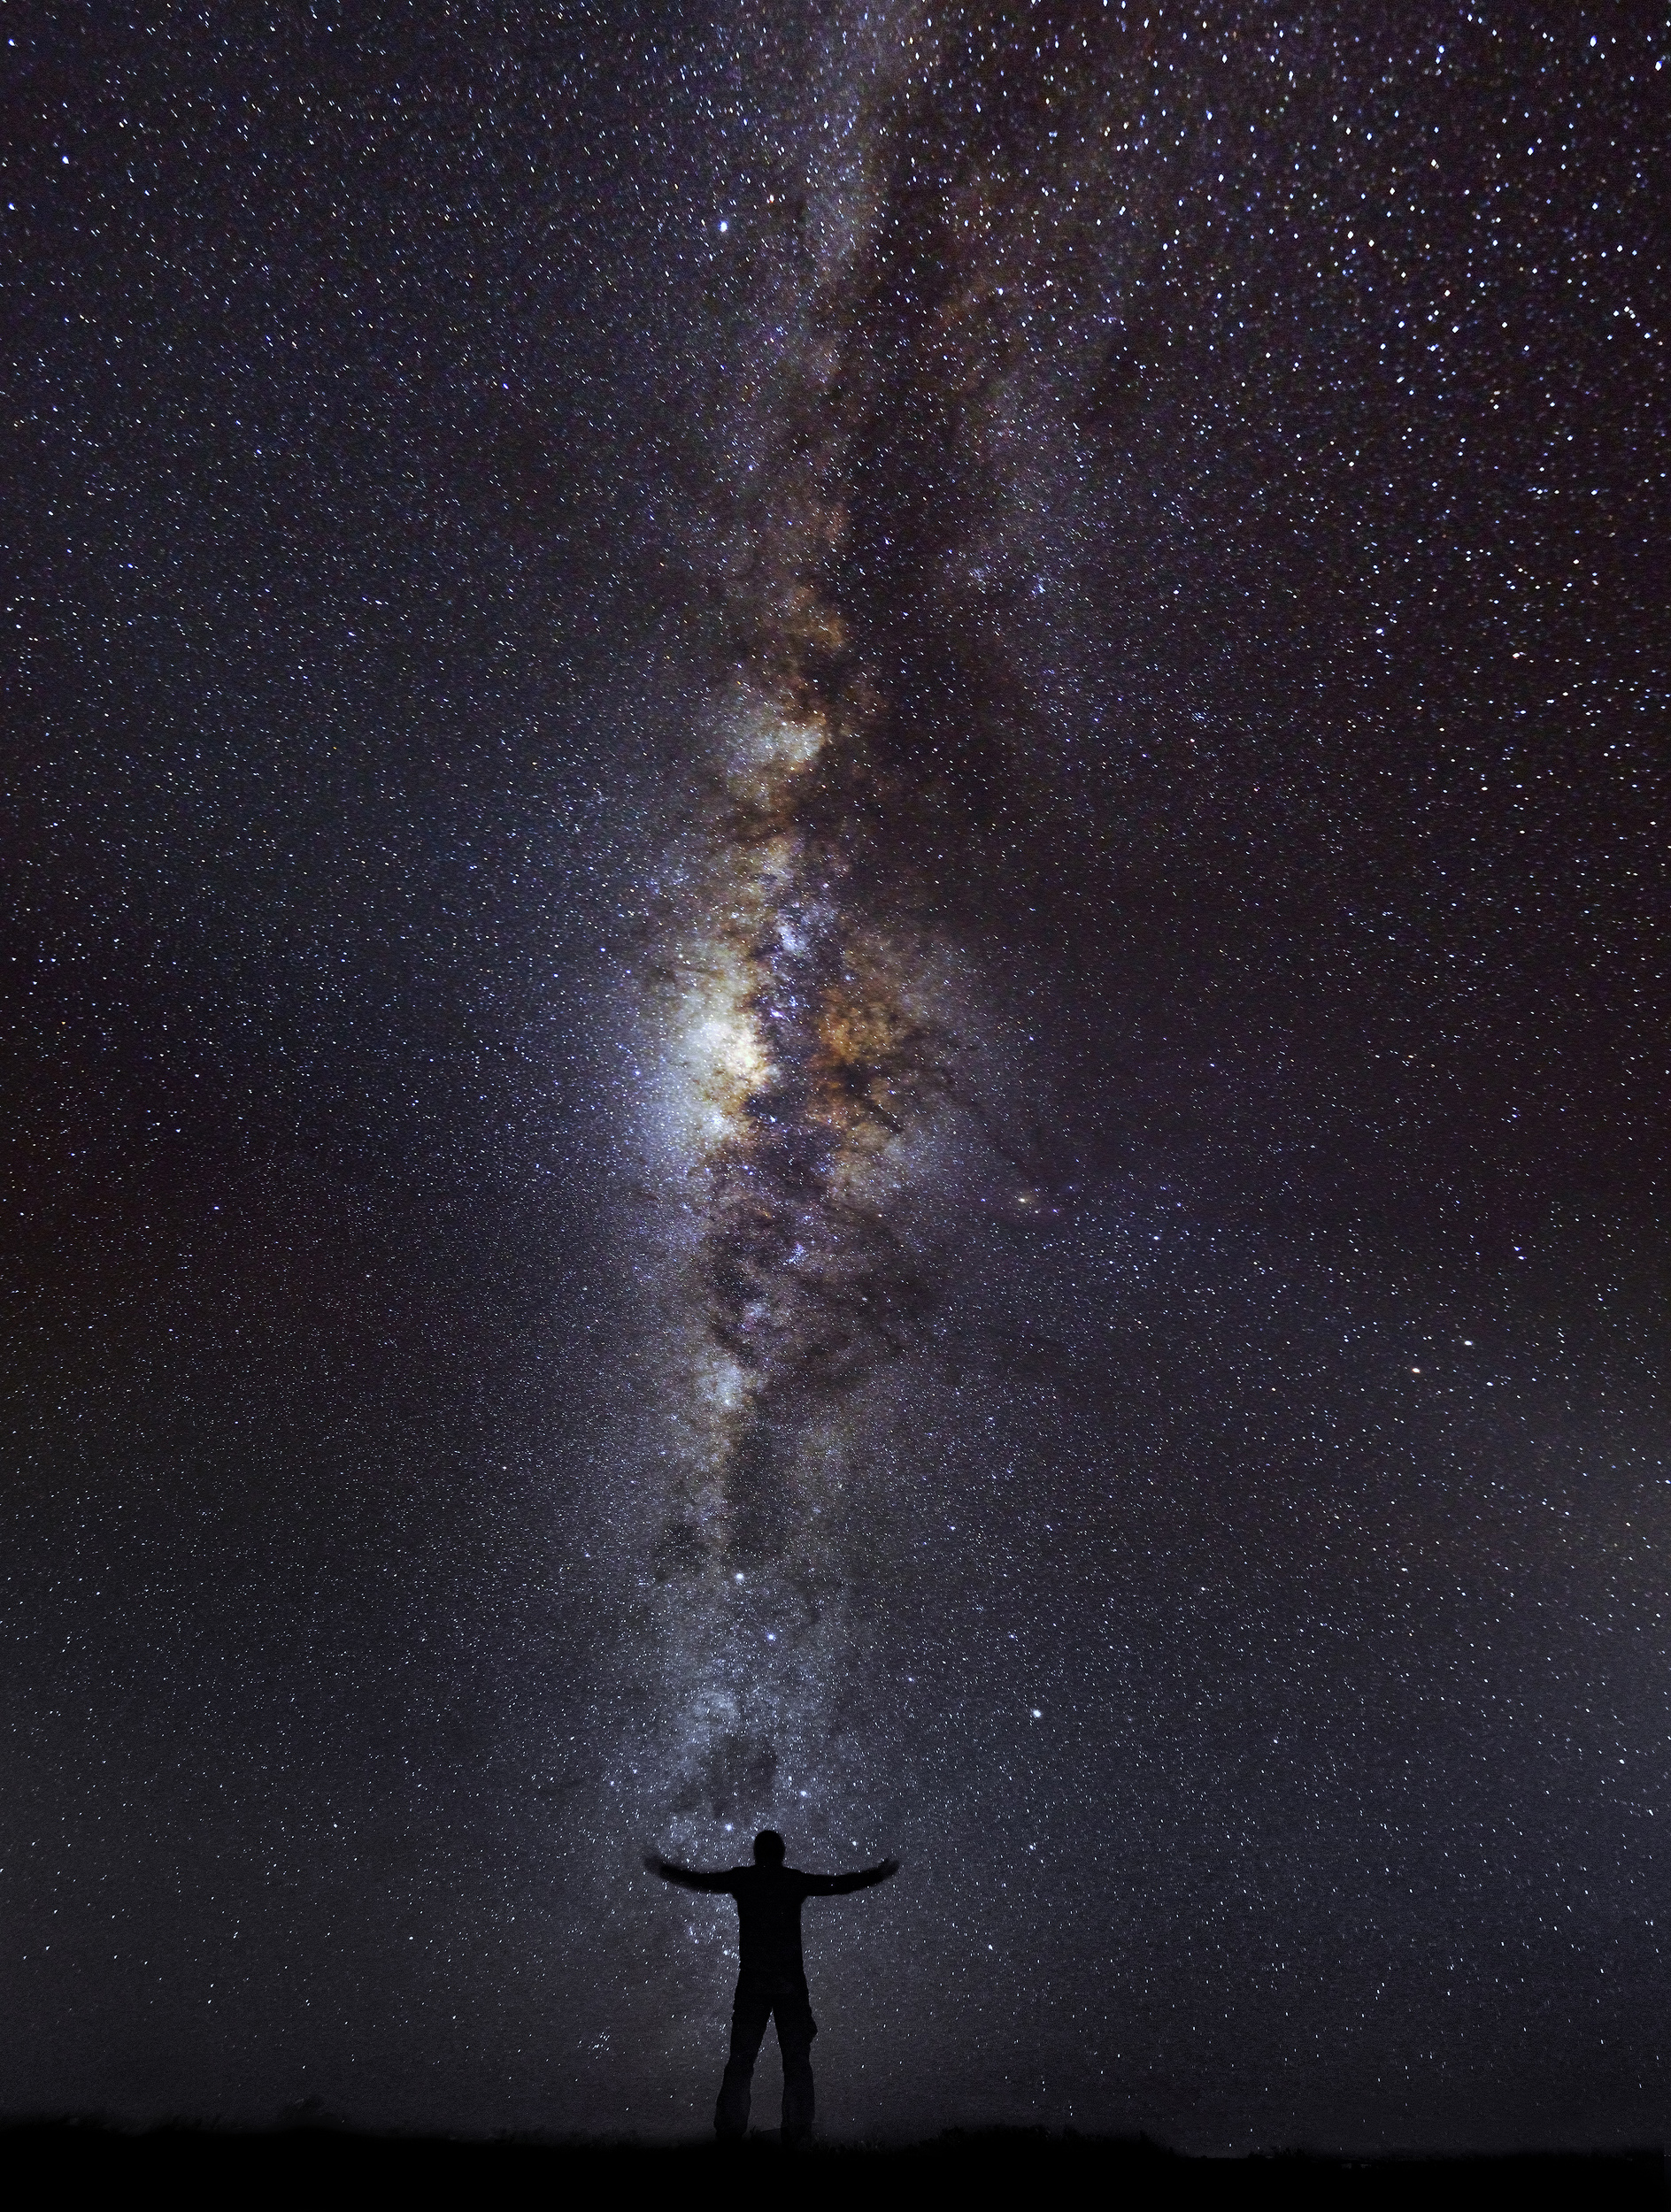 Titicaca Self Portrait   A self portrait taken beneath the stars on Isla del Sol in the middle of Lake Titicaca.